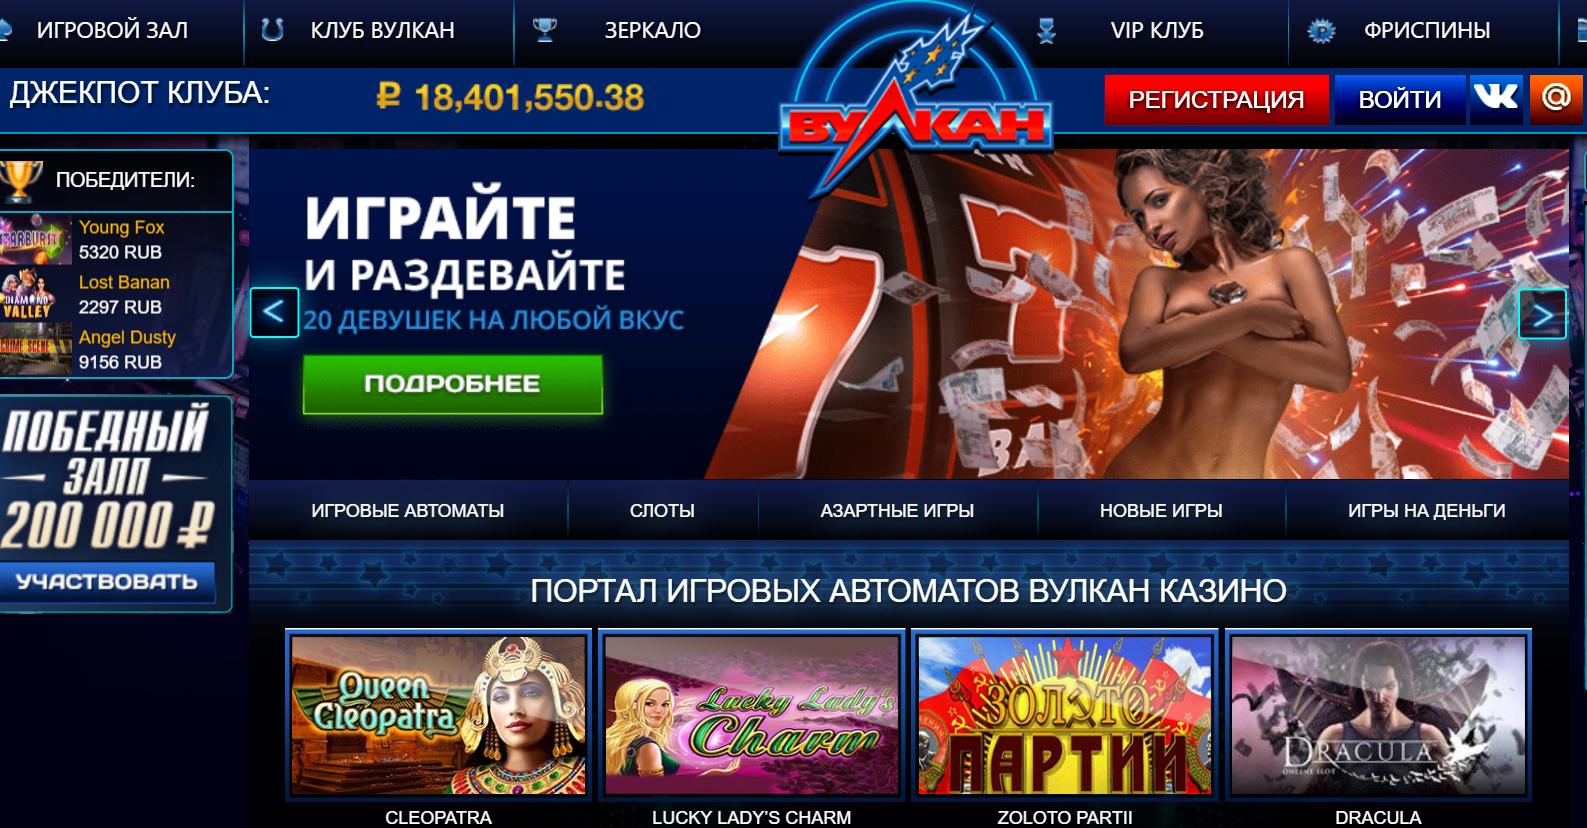 Игровые автоматы в онлайн казино Vulkan